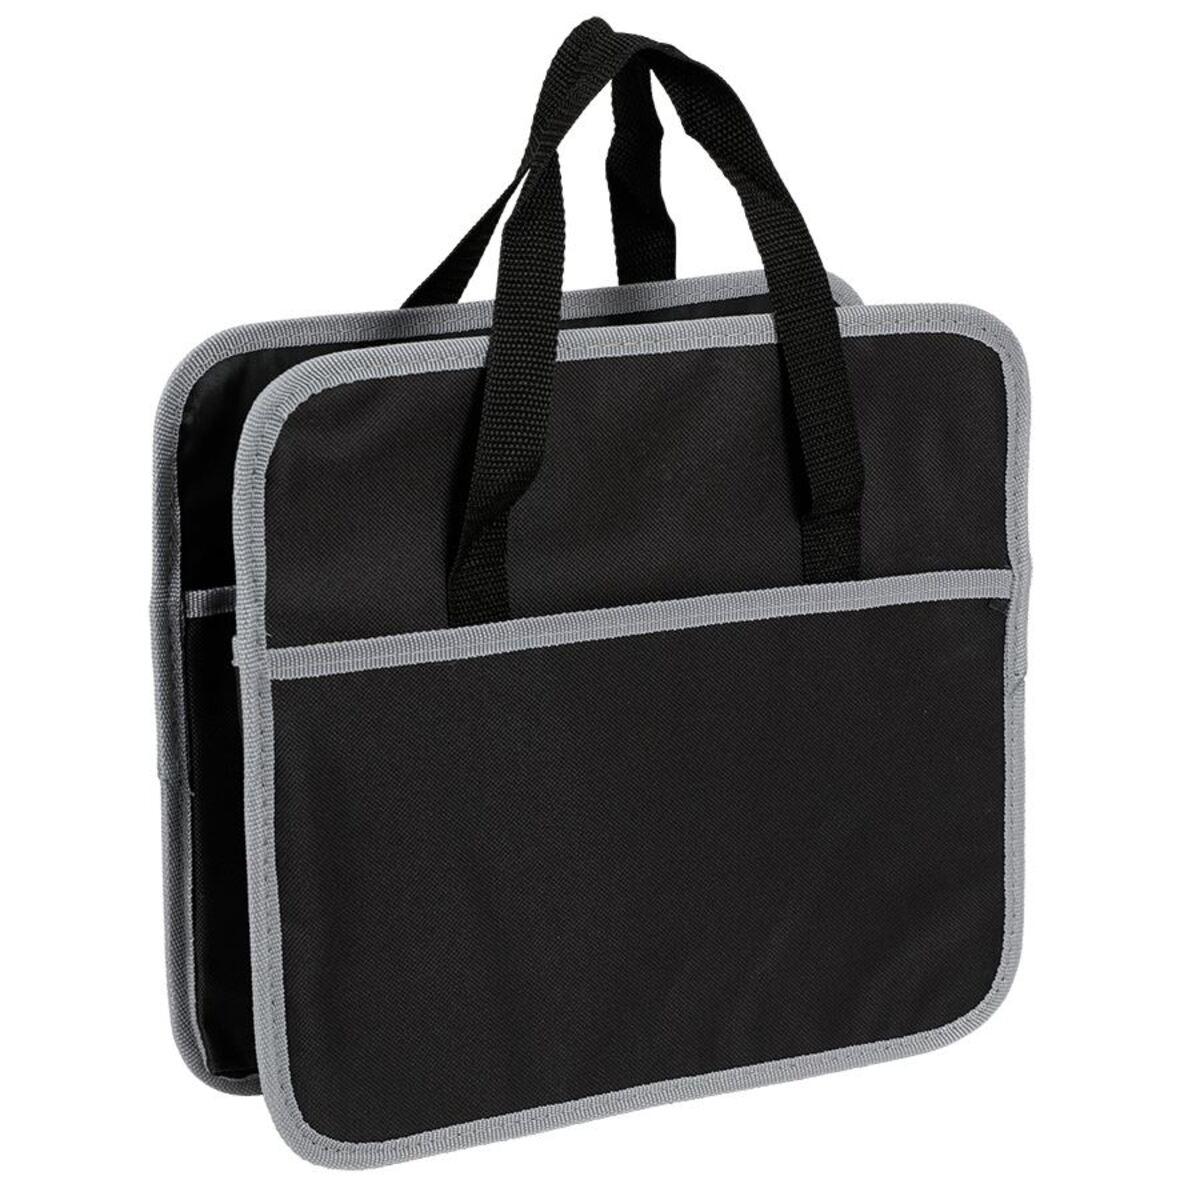 Bild 4 von Kofferraumtasche mit 2 Fächern Schwarz